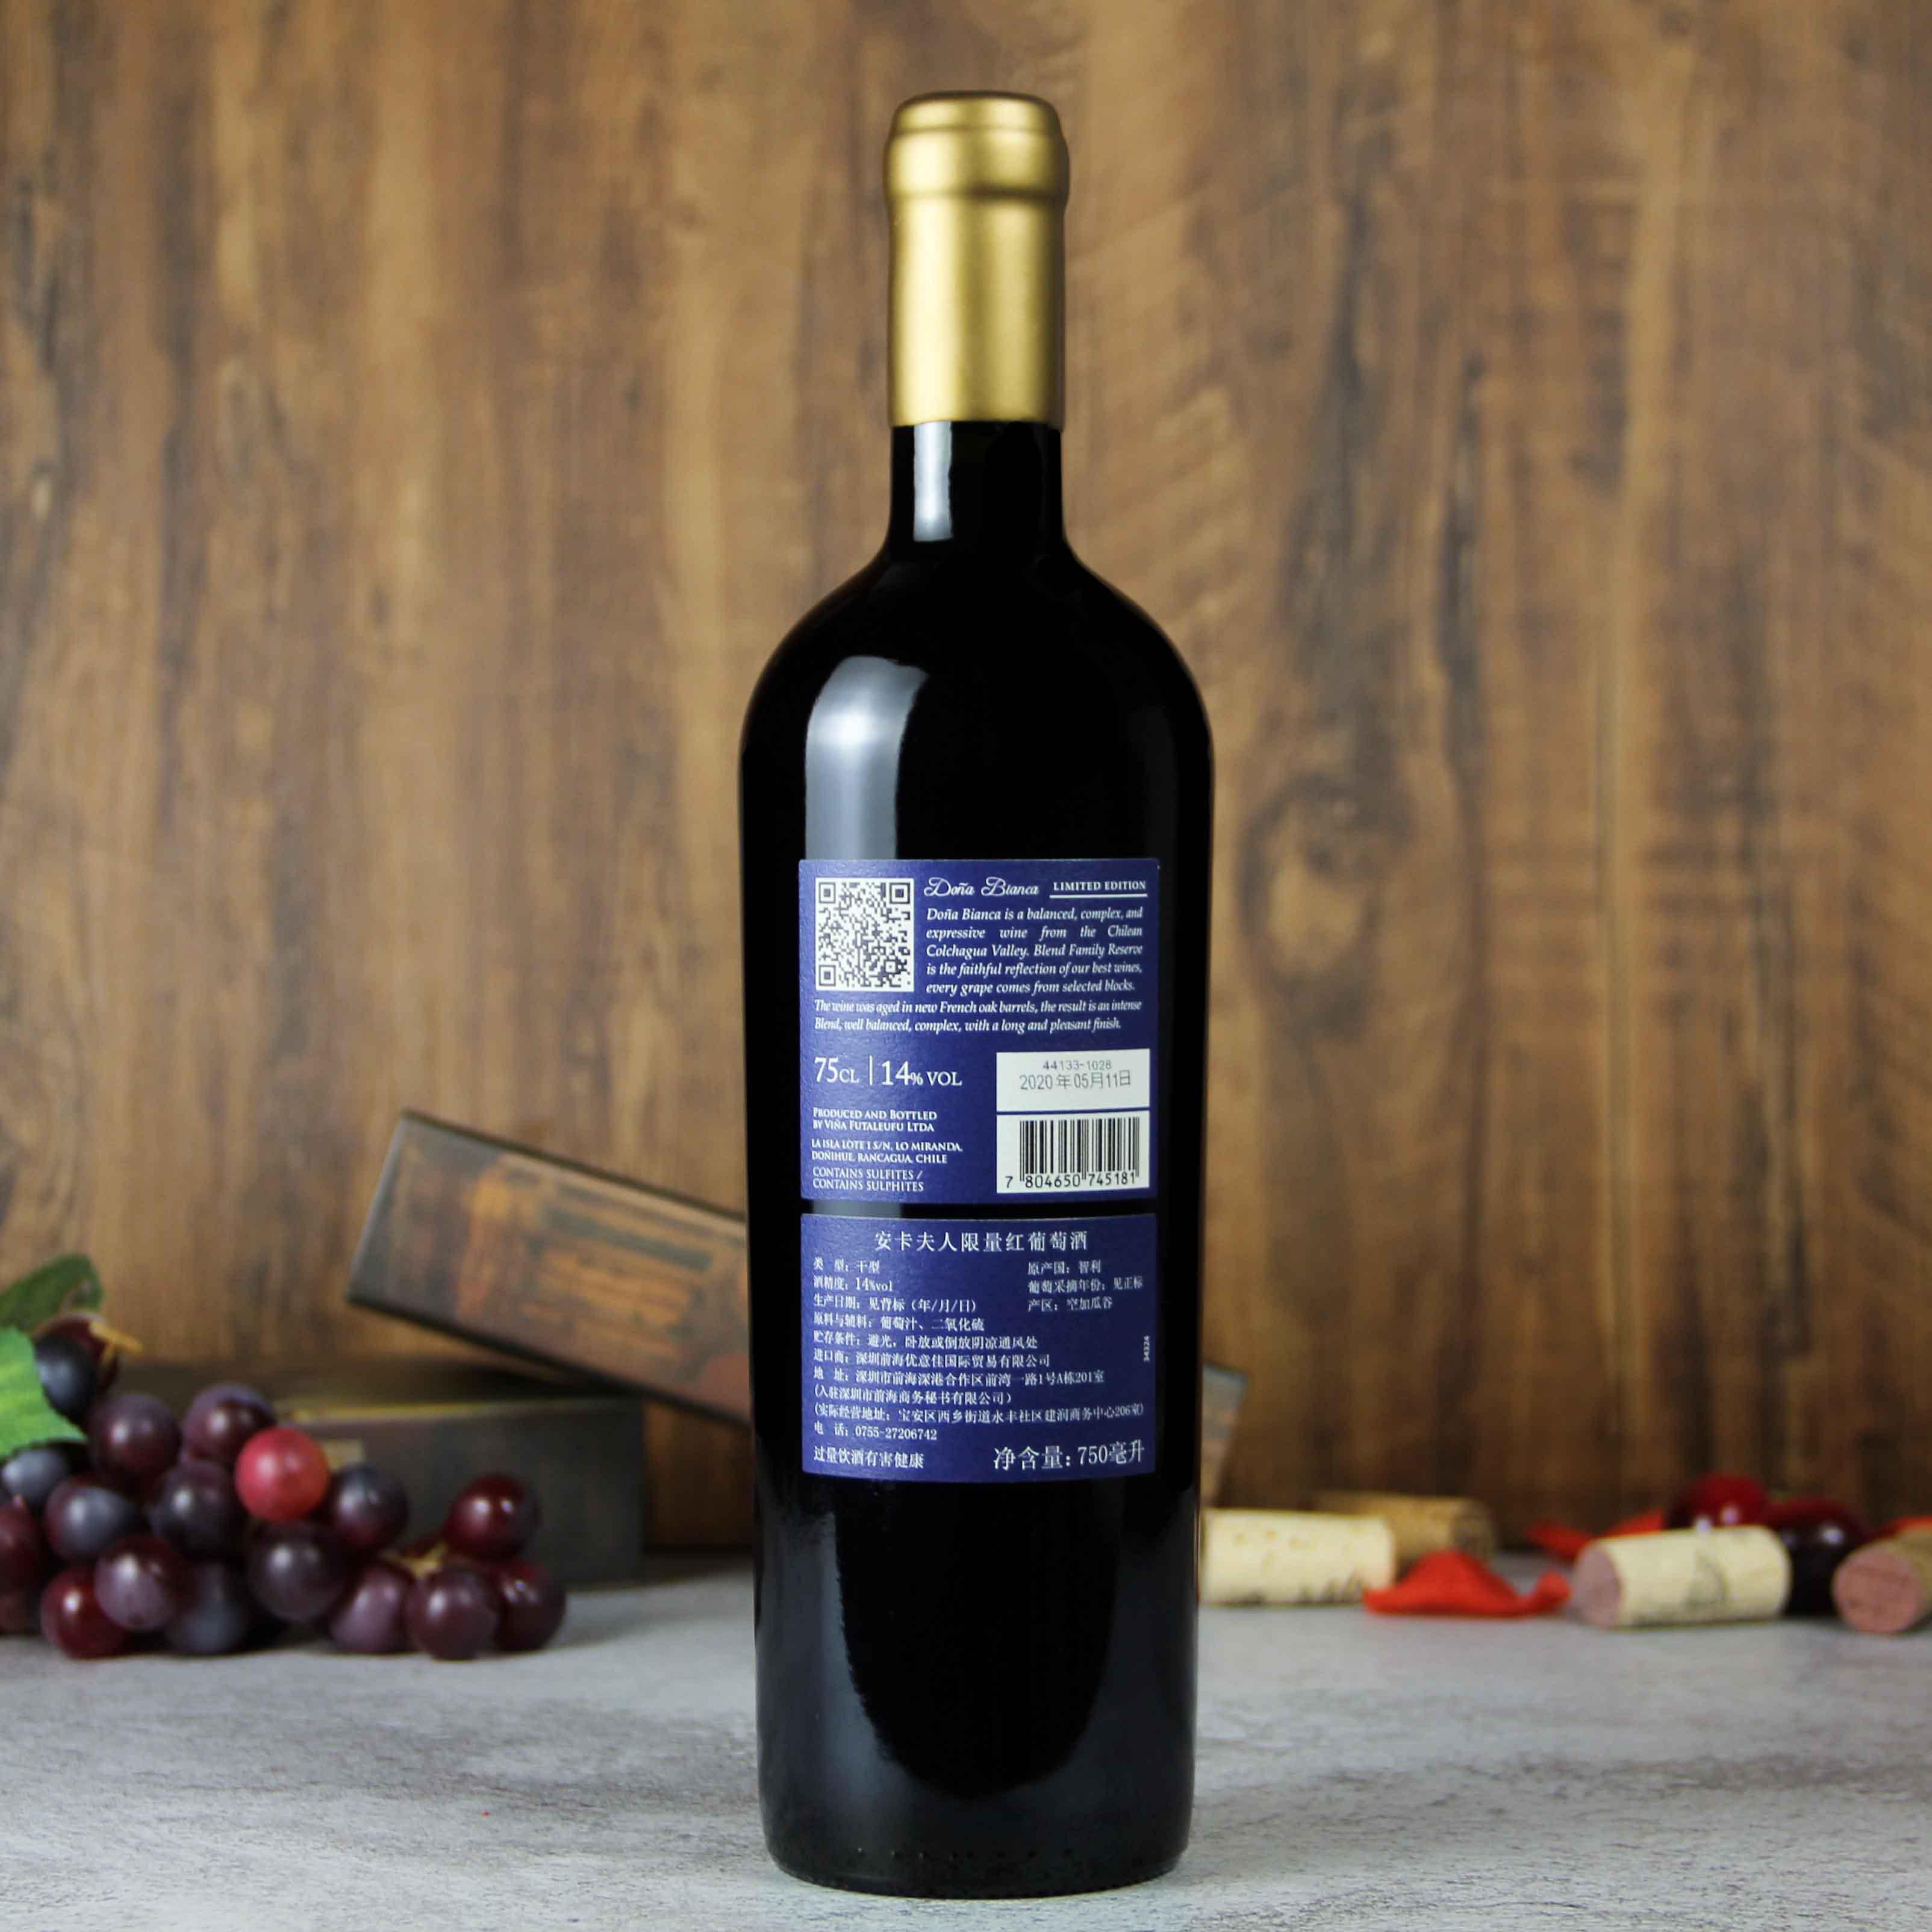 智利中央山谷DonaBianca酒庄安卡夫人赤霞珠特藏限量版干红葡萄酒